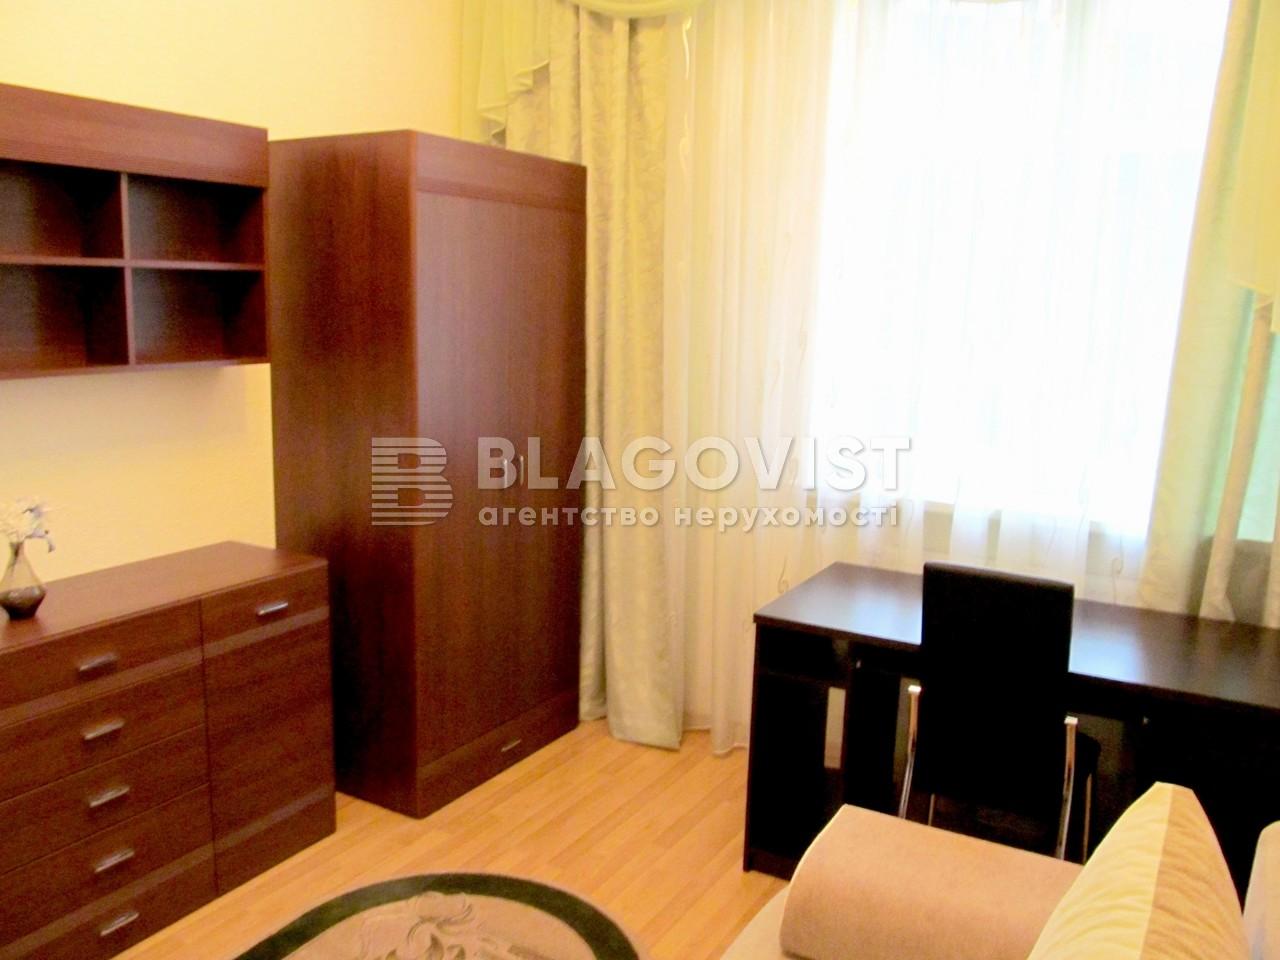 Квартира E-13012, Коновальца Евгения (Щорса), 32б, Киев - Фото 11